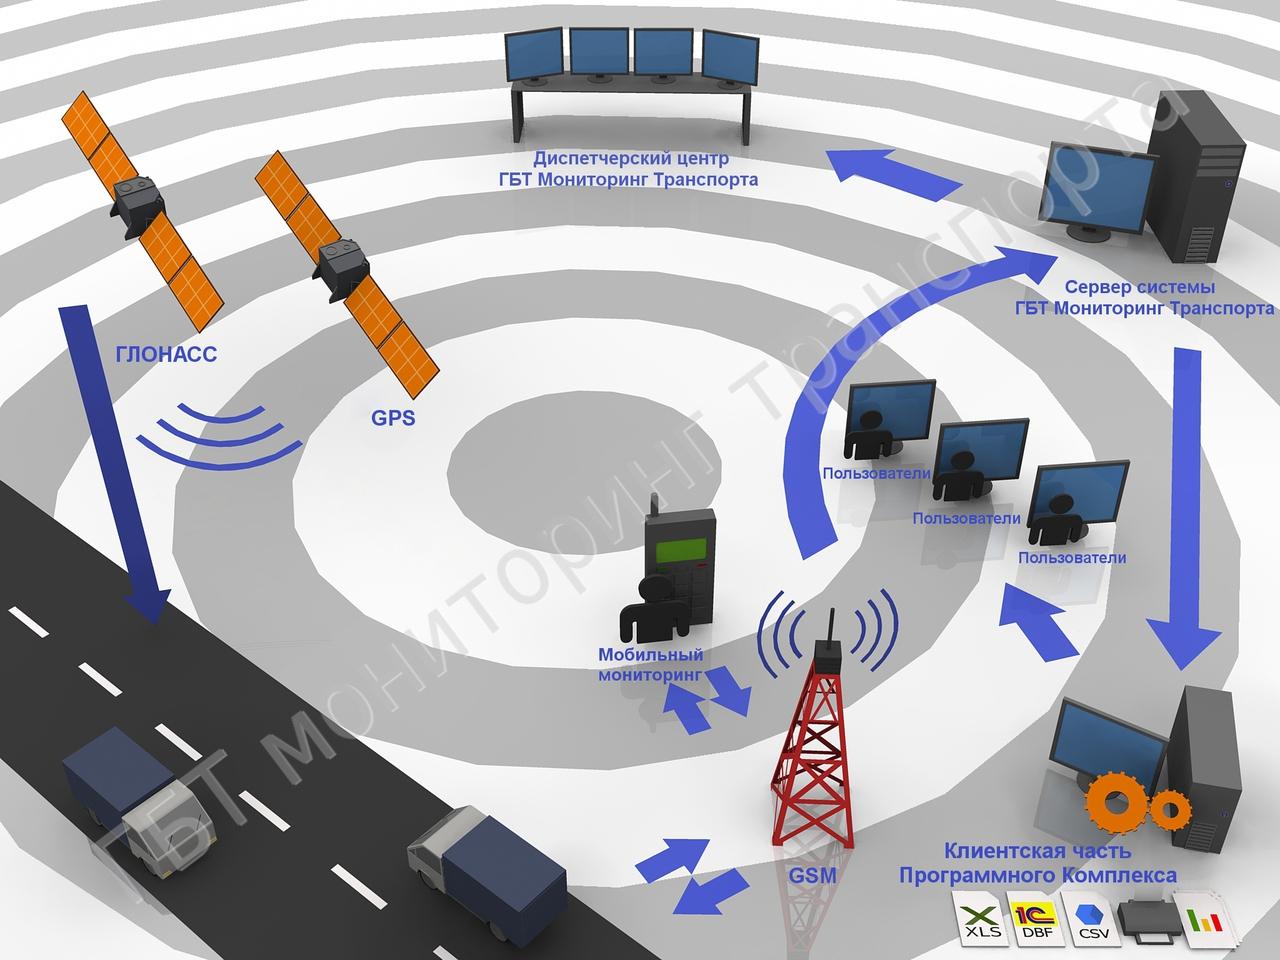 Схема действия охранного комплекса